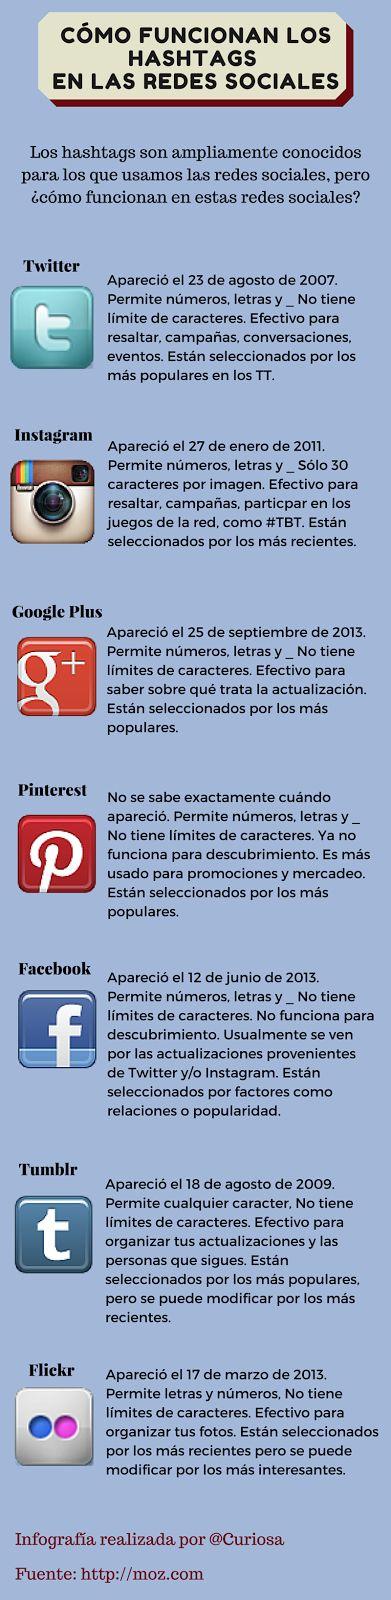 Hola: Una infografía sobre Cómo funcionan los hashtags en las redes sociales. Vía Un saludo